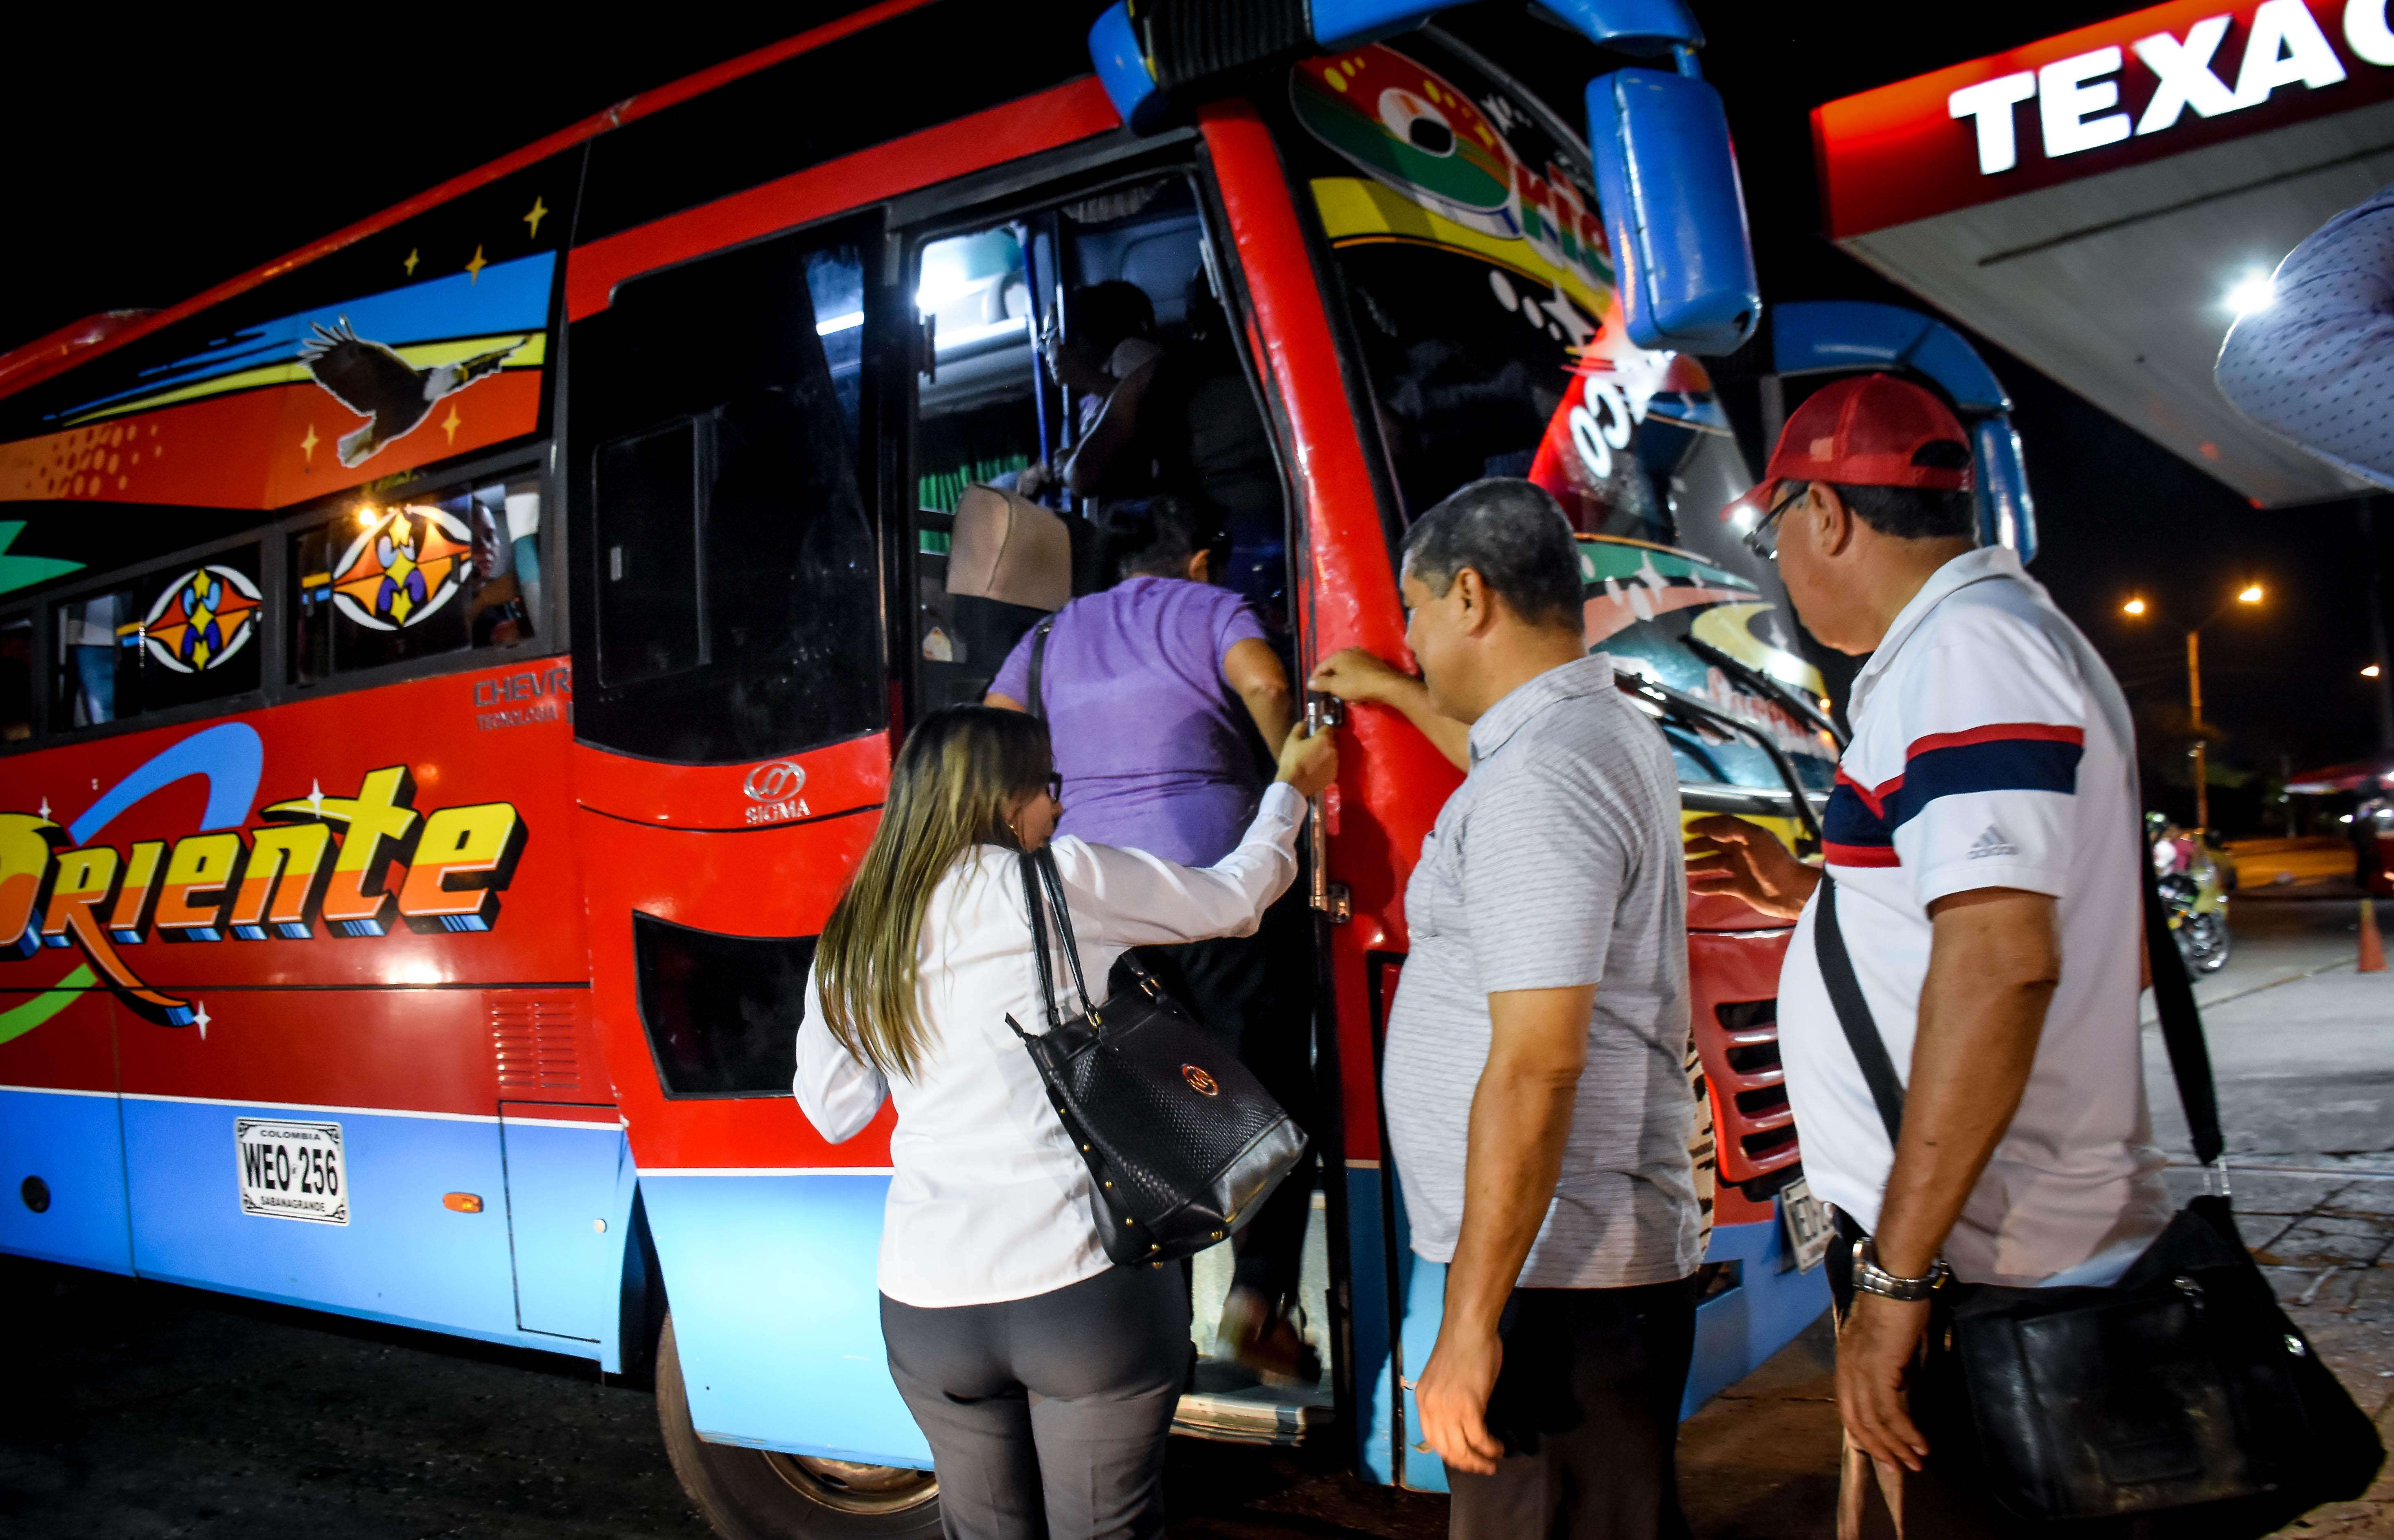 Al llegar el automotor, este se llena de inmediato y los pasajeros se tienen que ir hasta de pie.